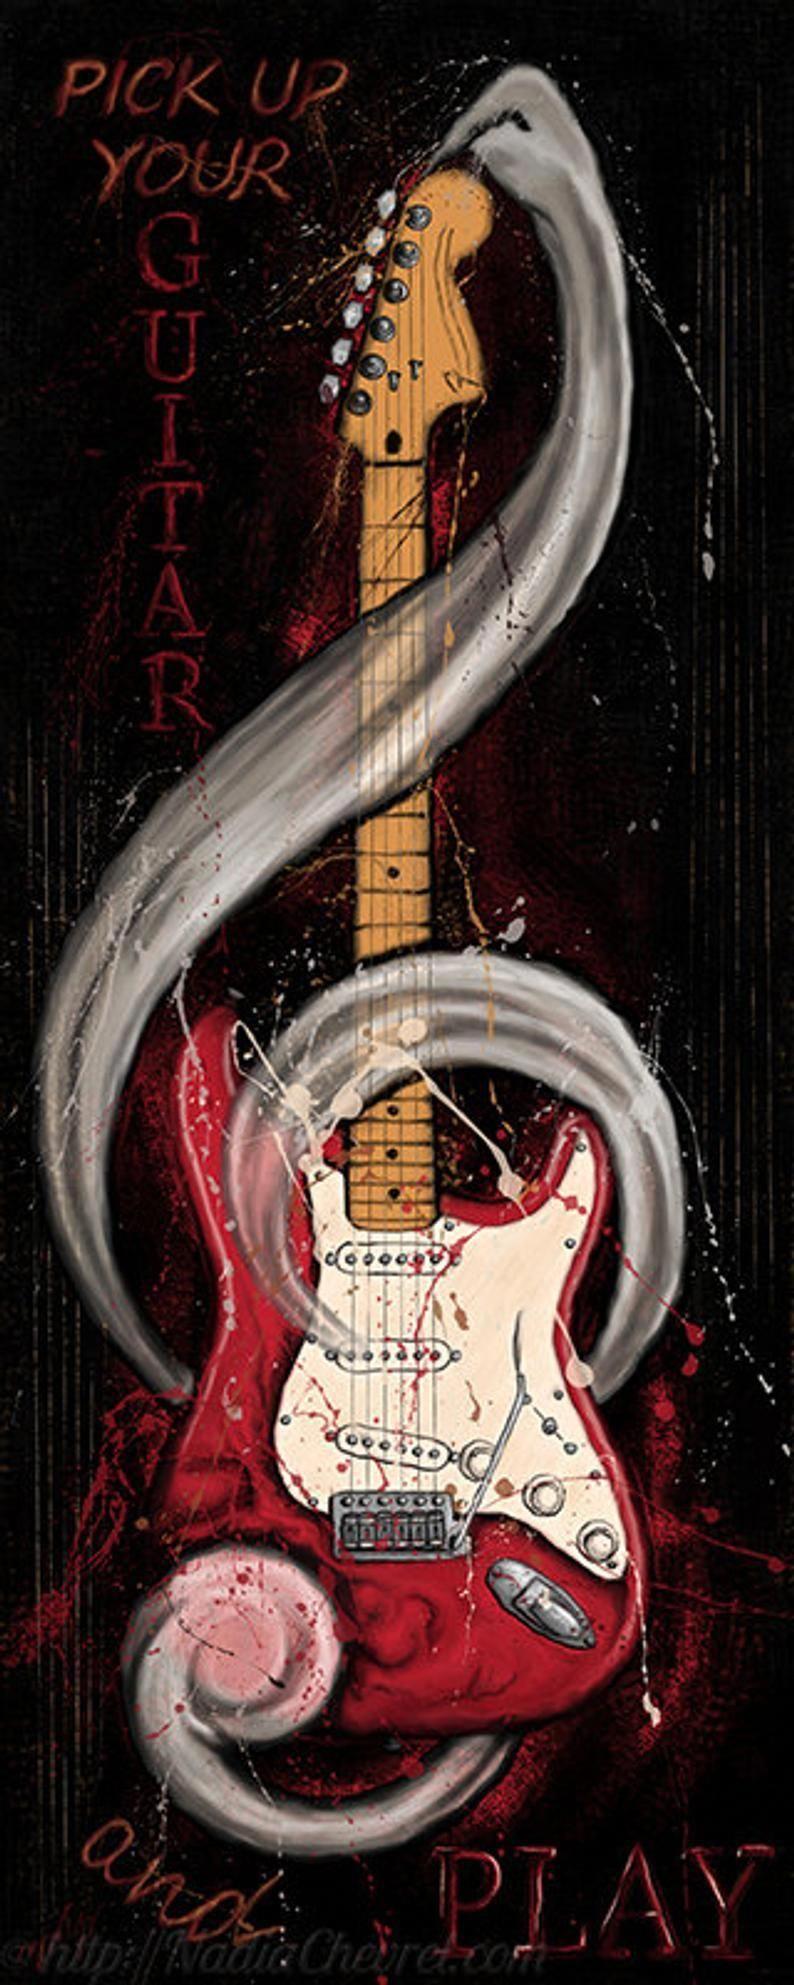 Tableau Guitare Electrique Guitare Rouge Et Ivoire Tableau Etsy Guitar Art Guitar Painting Digital Painting